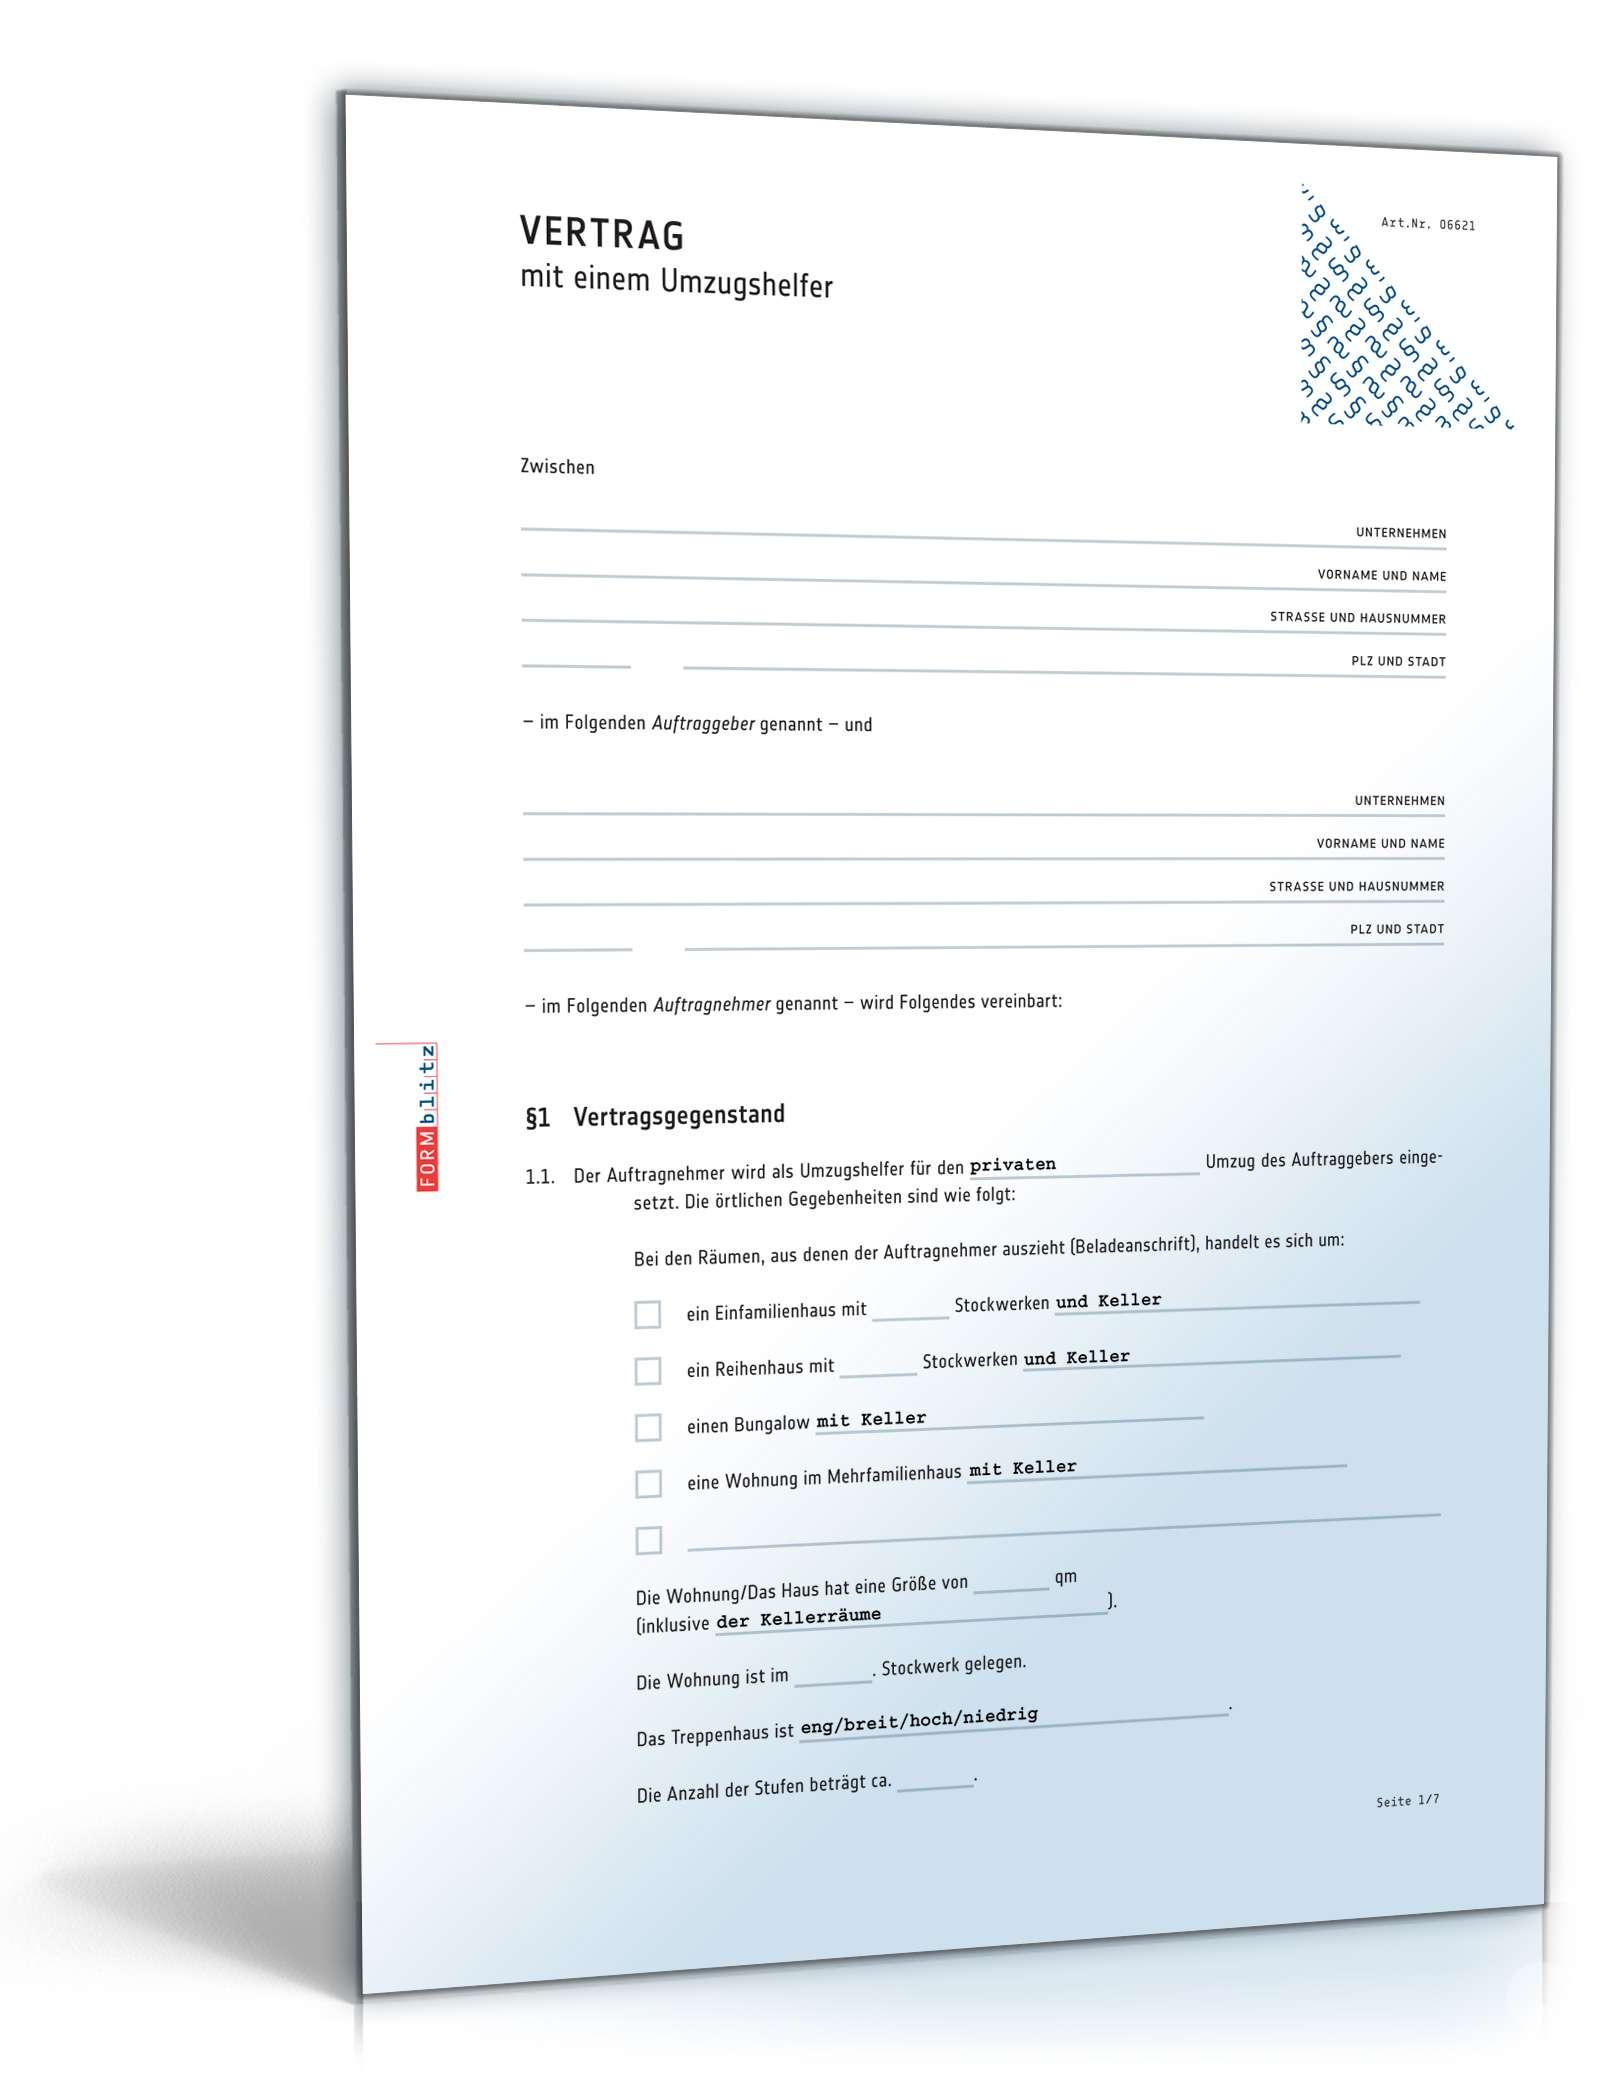 Küchenverkauf Privat Vertrag ~ vertrag umzugshelfer muster zum download